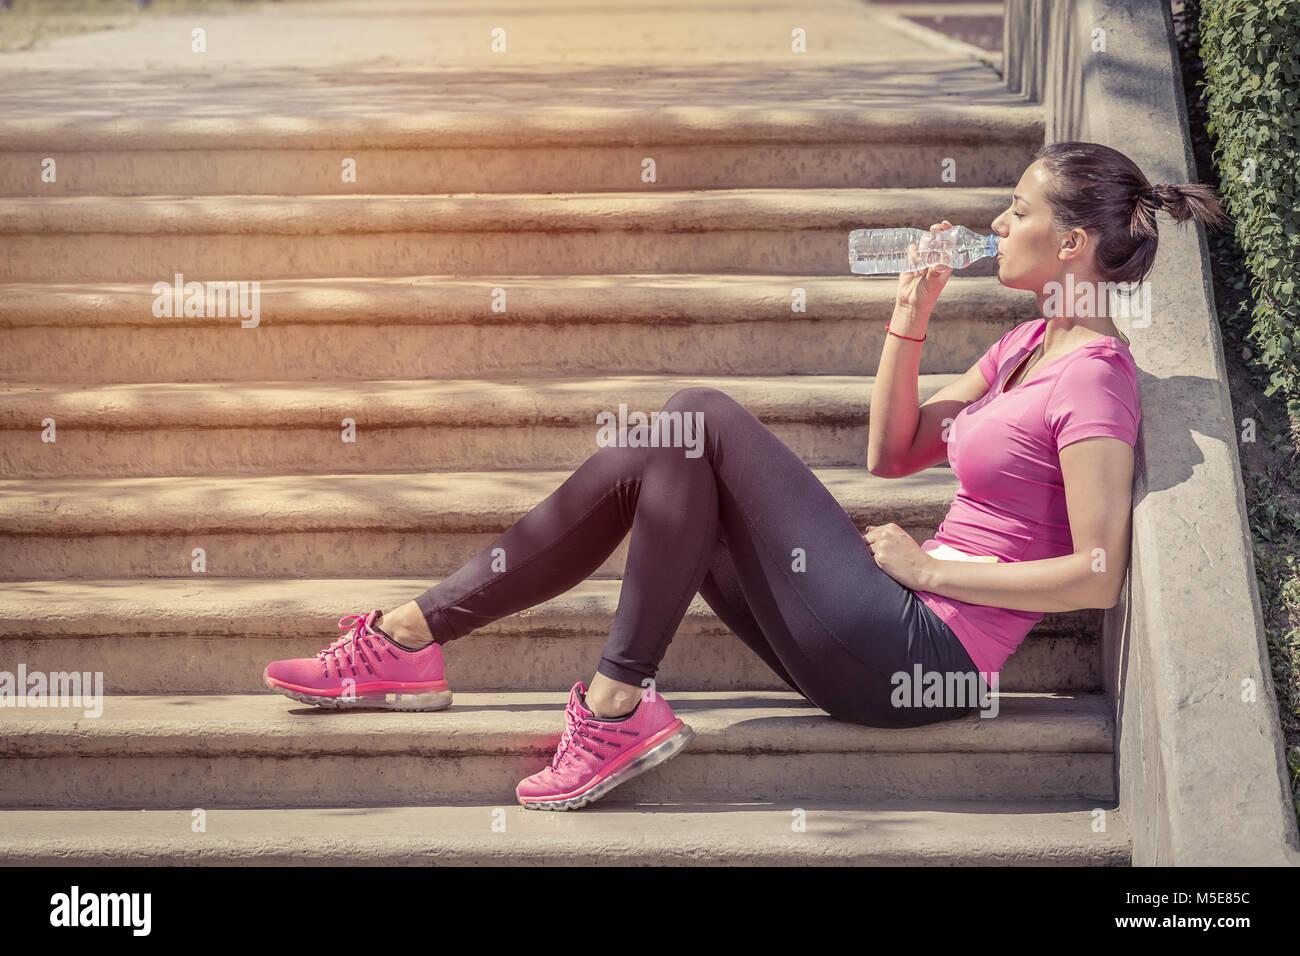 Runner Fitness femme l'eau potable et à l'assis sur un escalier. Fille de l'athlète en faisant une pause pendant l'exécution d'hydrater pendant les chaudes journées d'été. Vie saine et active Banque D'Images